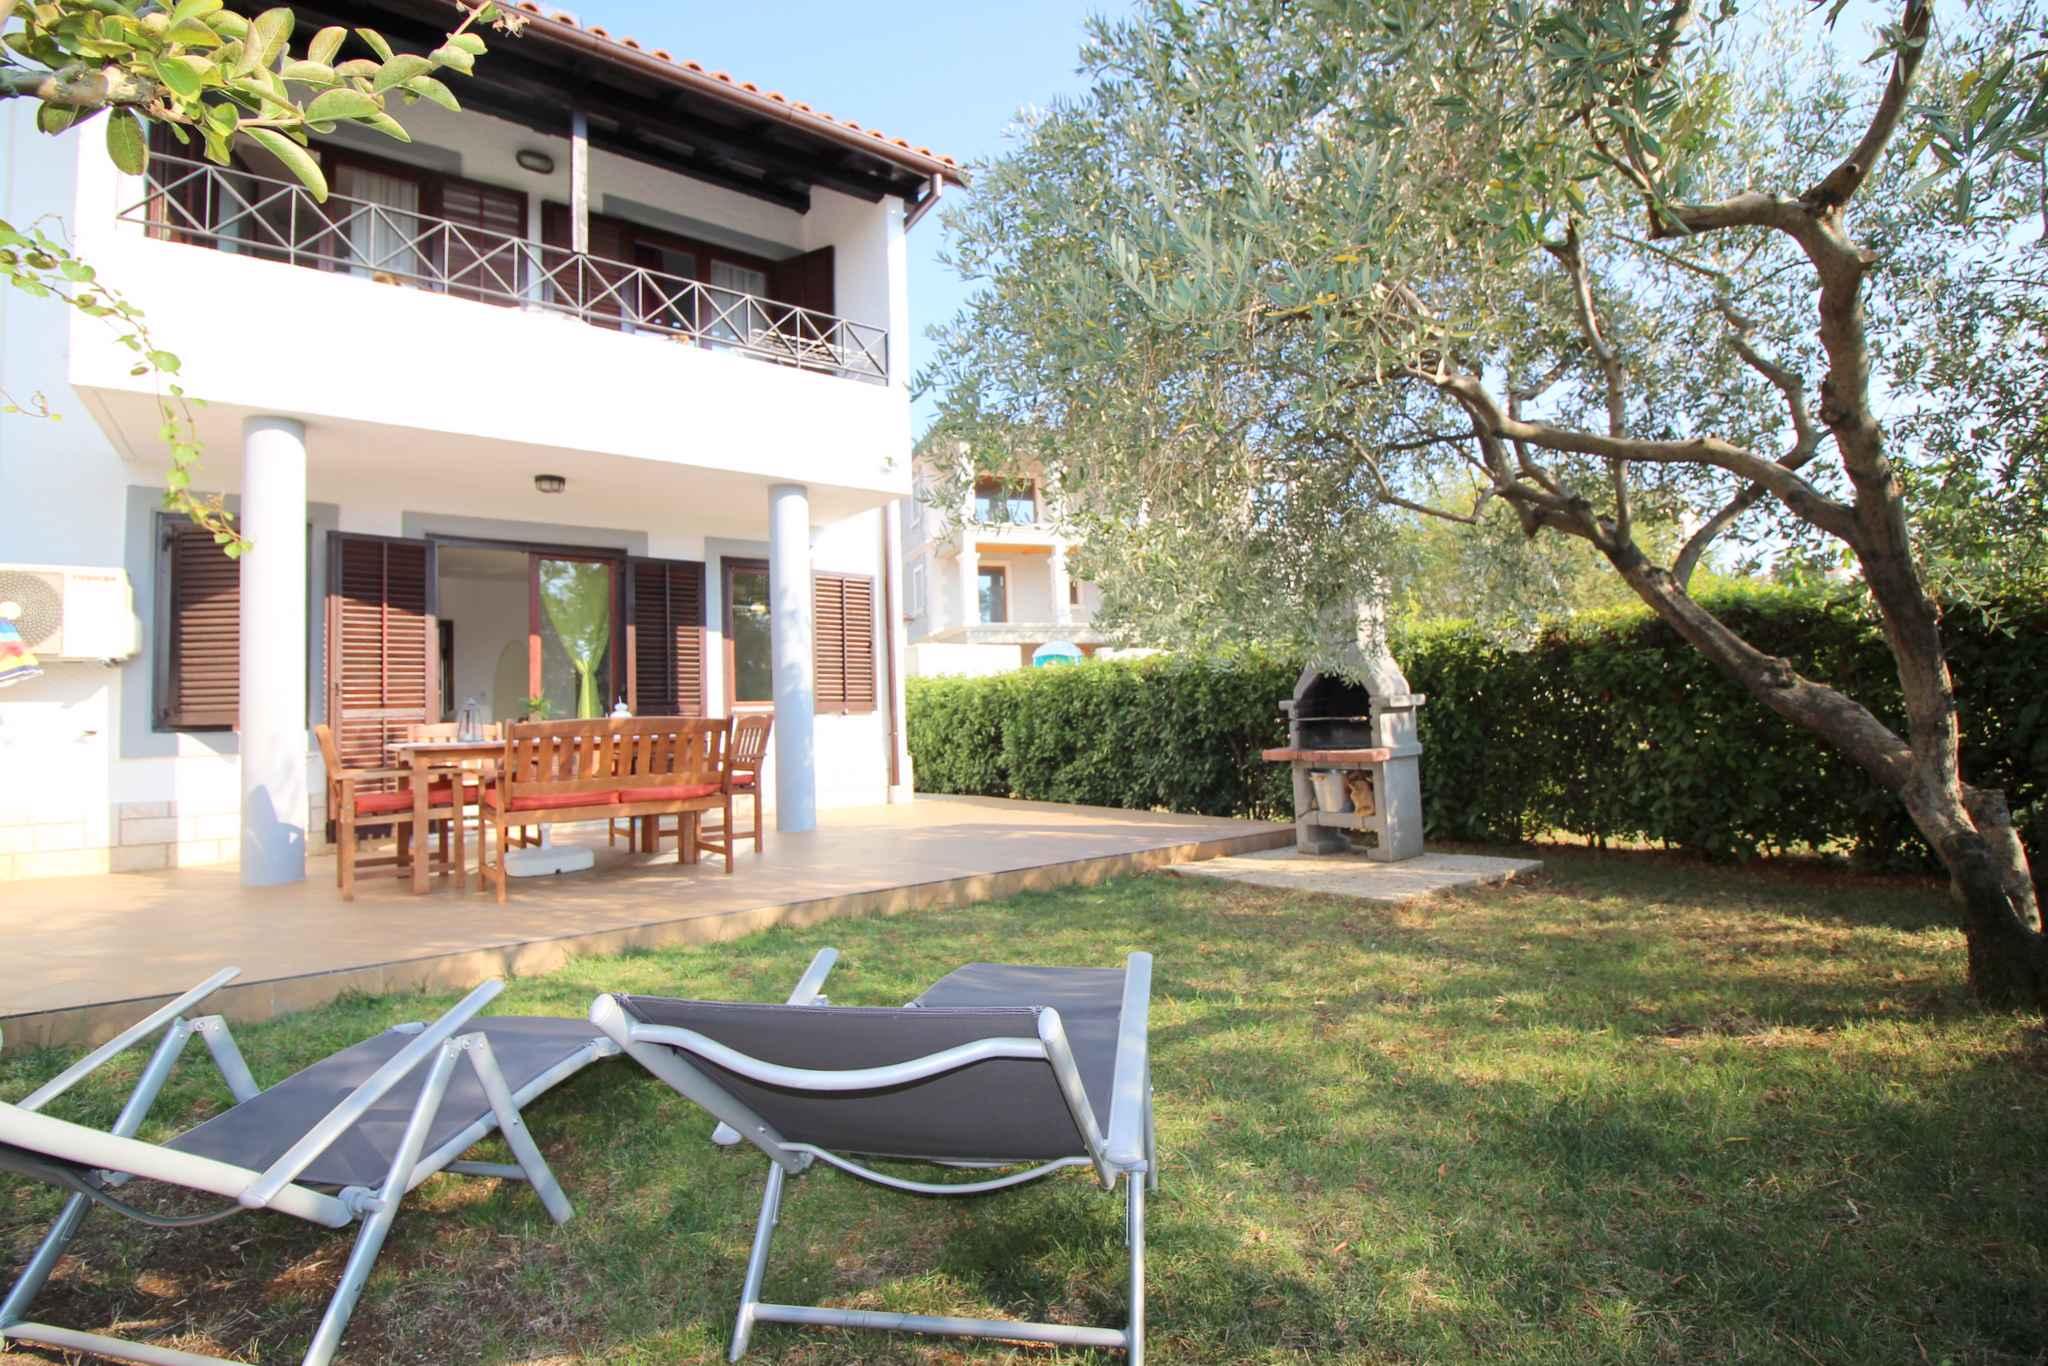 Ferienhaus für 6 Personen in Strandnähe (280255), Porec, , Istrien, Kroatien, Bild 2